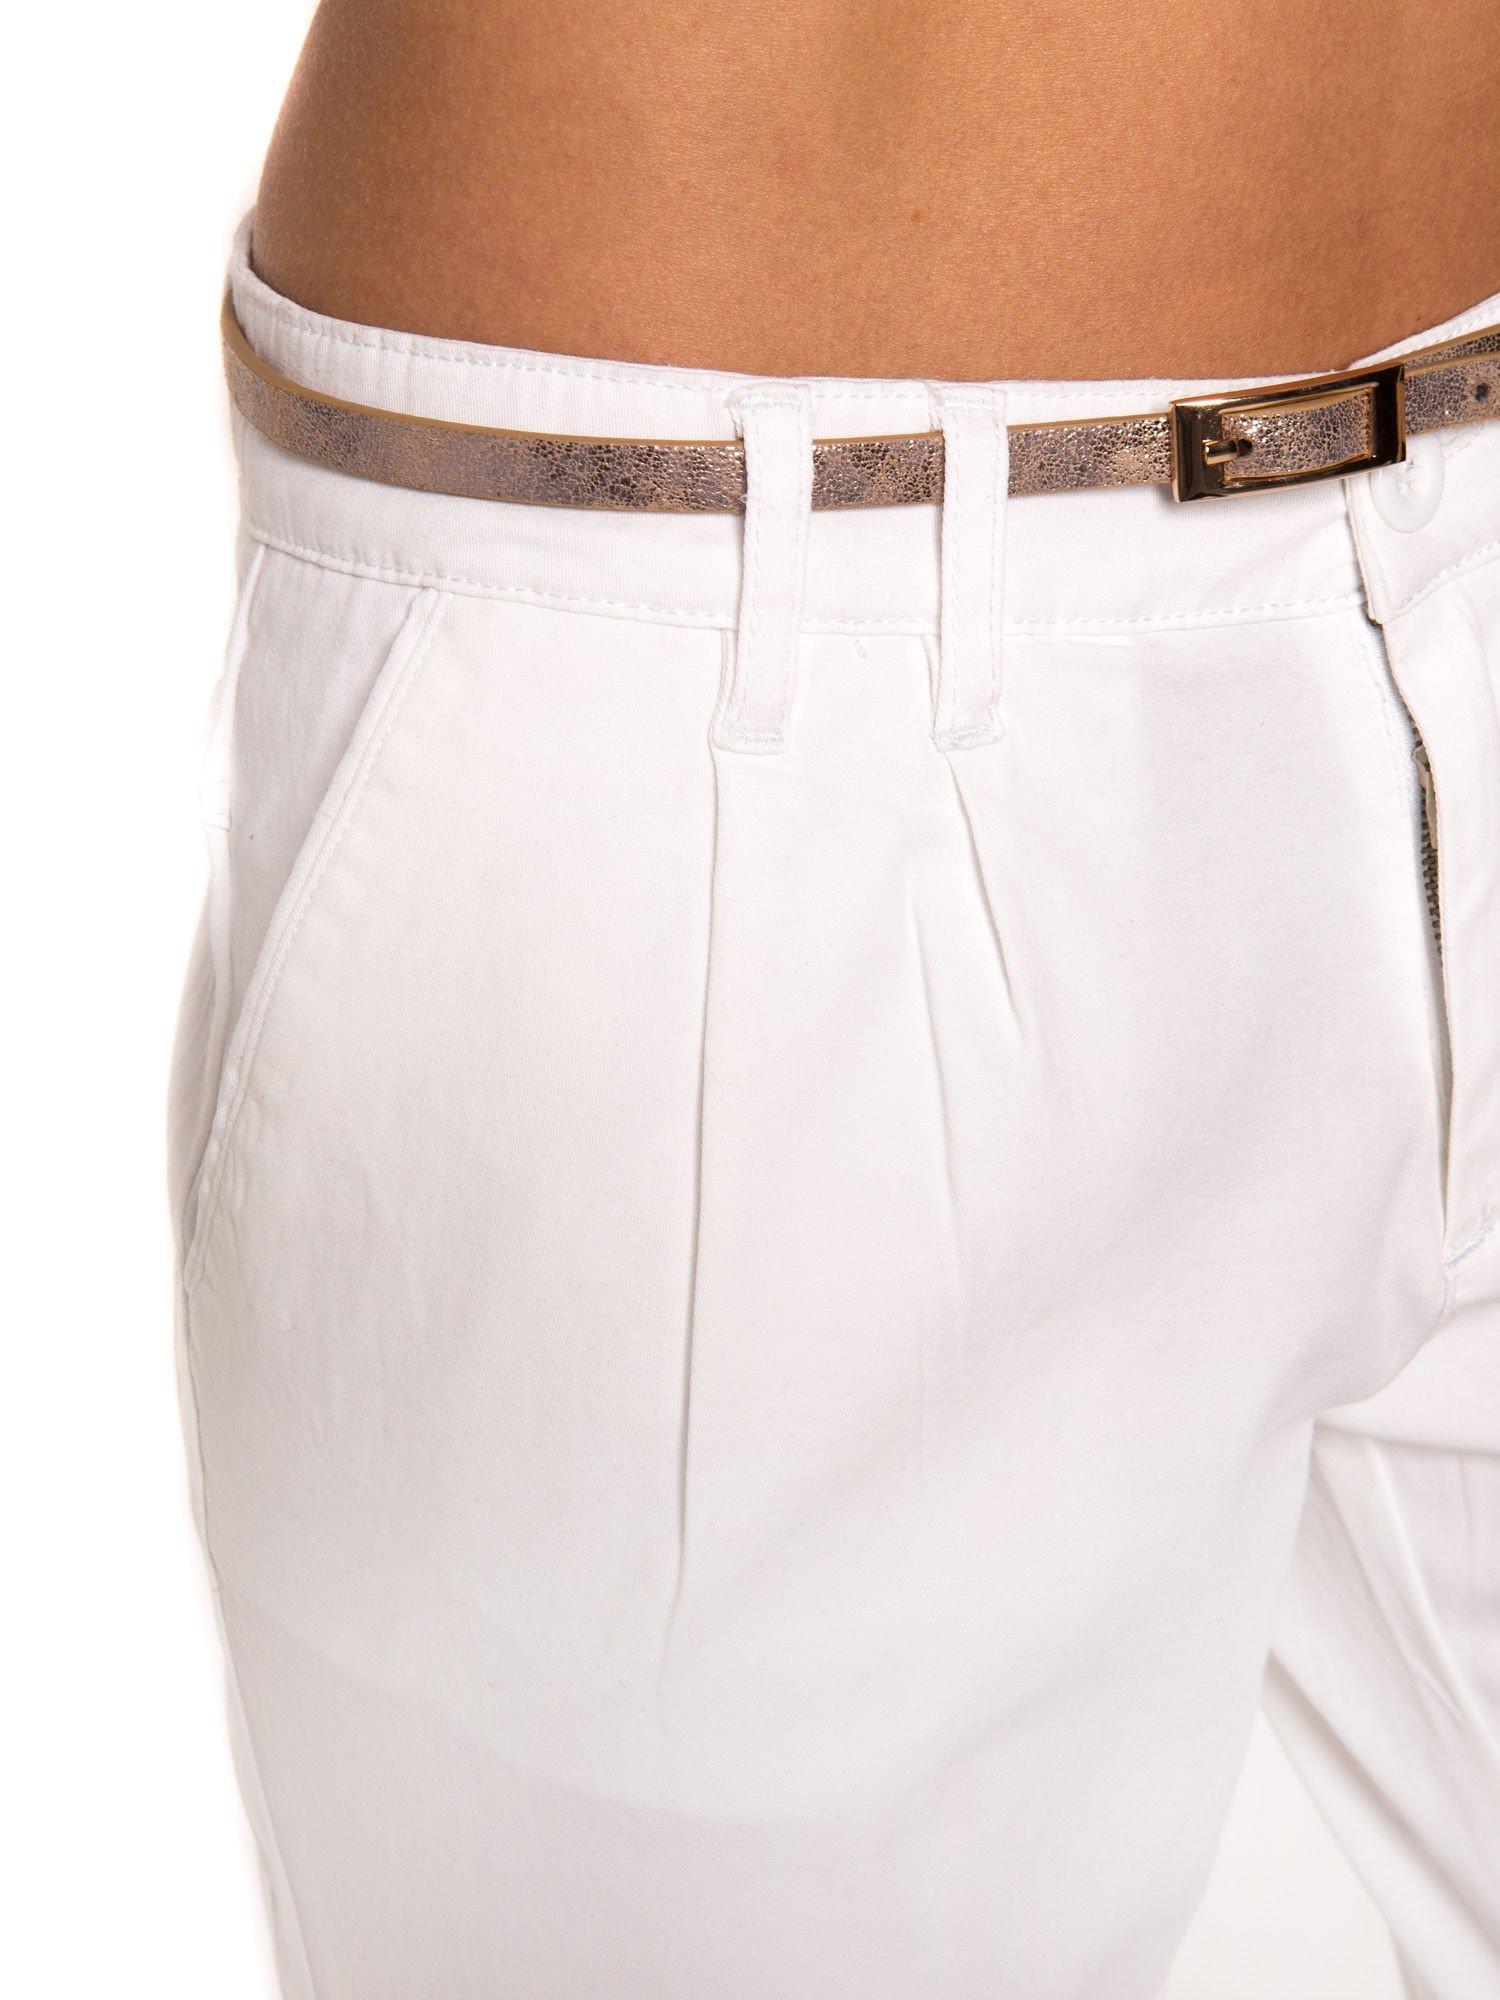 Białe spodnie z paskiem z lakierowanej skóry                                  zdj.                                  4